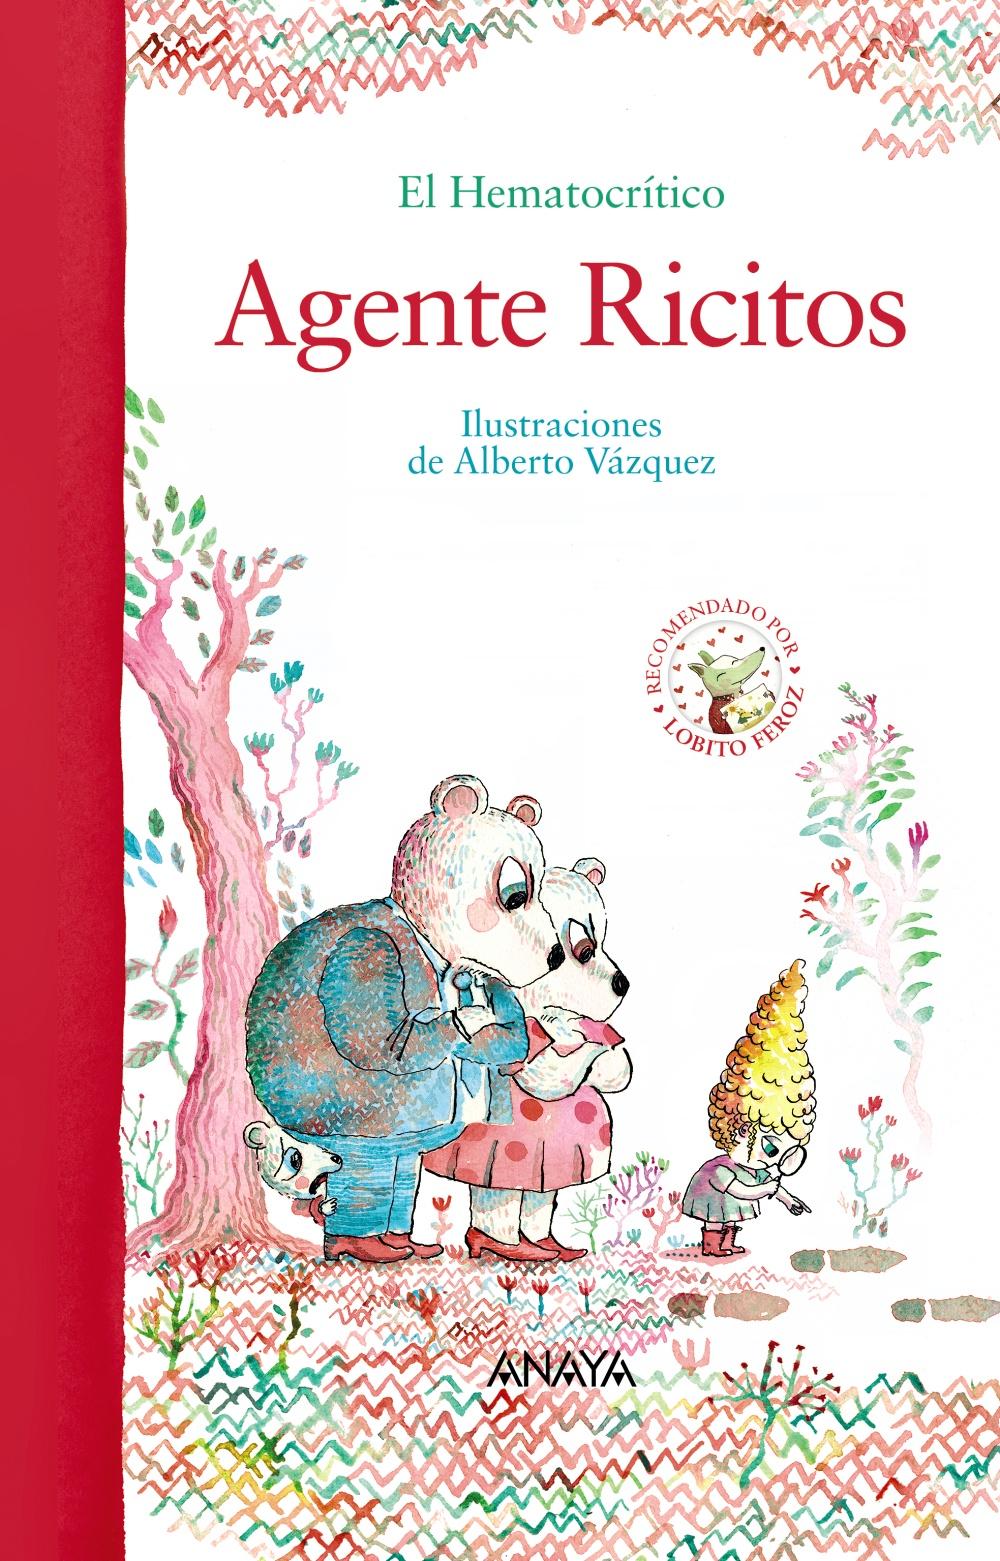 Reseña LIJ: 'Agente Ricitos' de El Hematocrítico